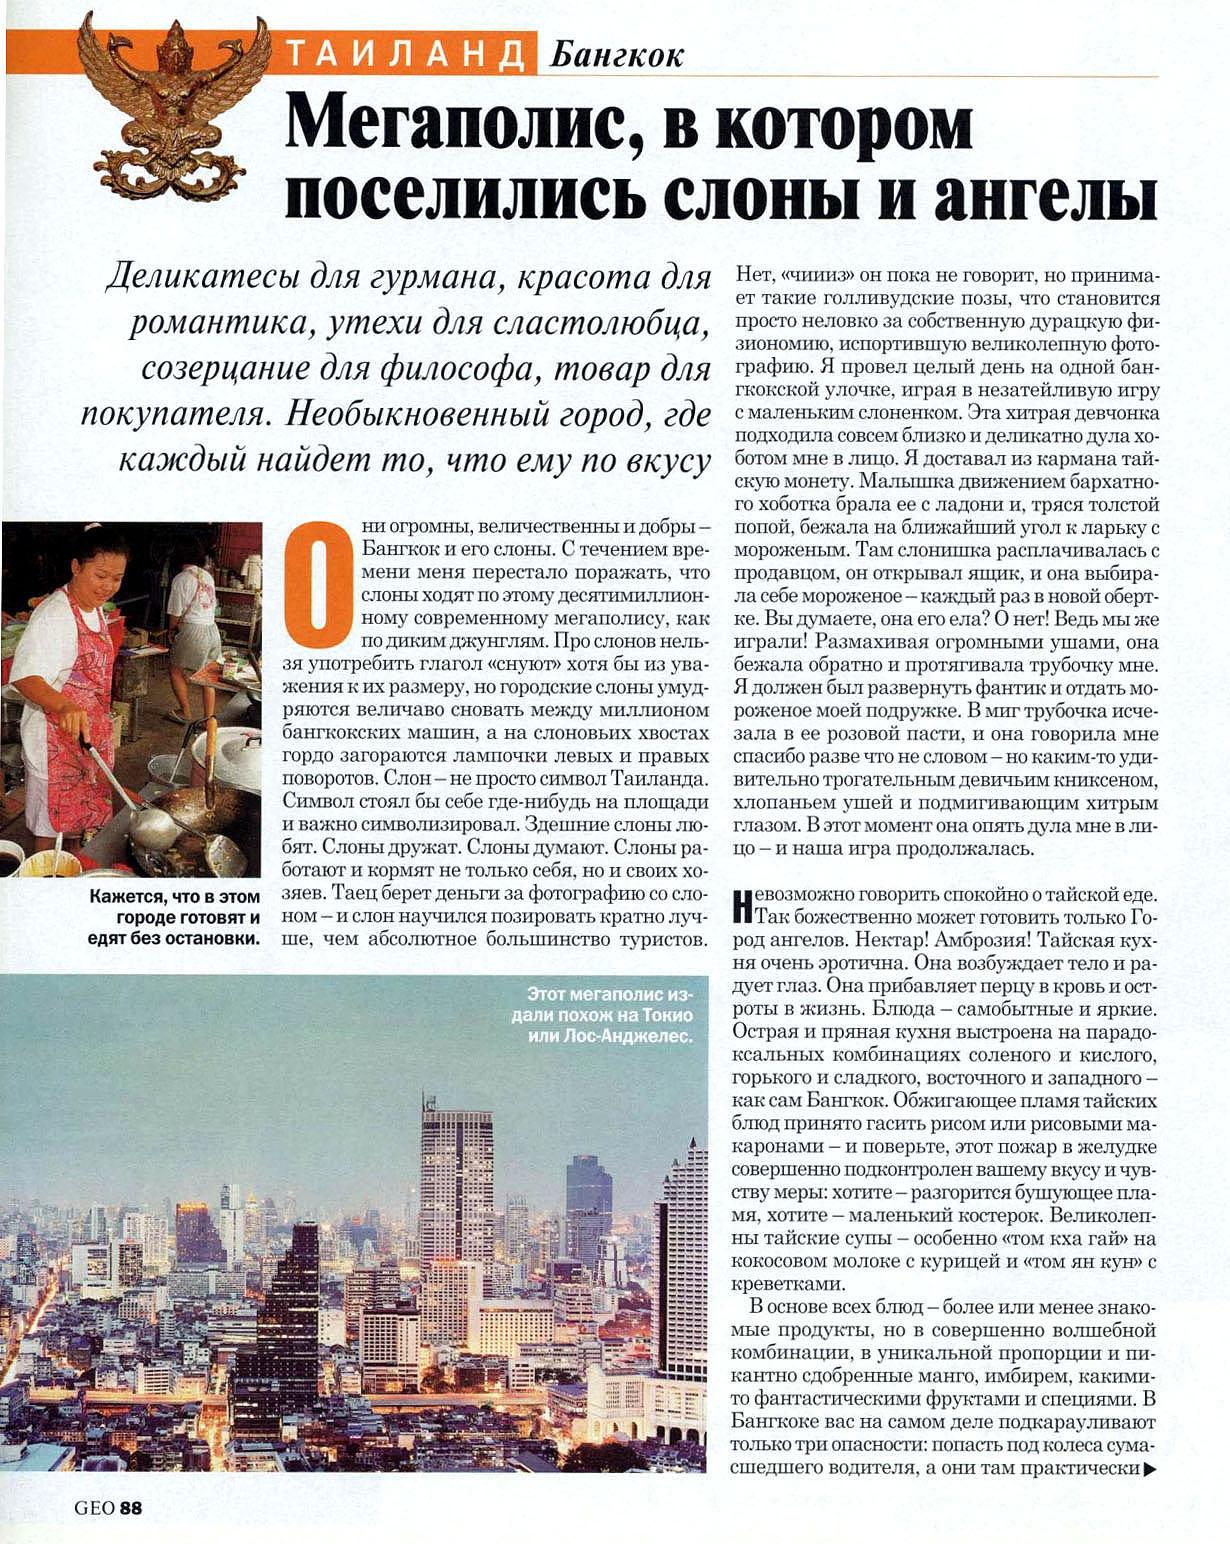 GEO-Rus_2003-03_12.jpg